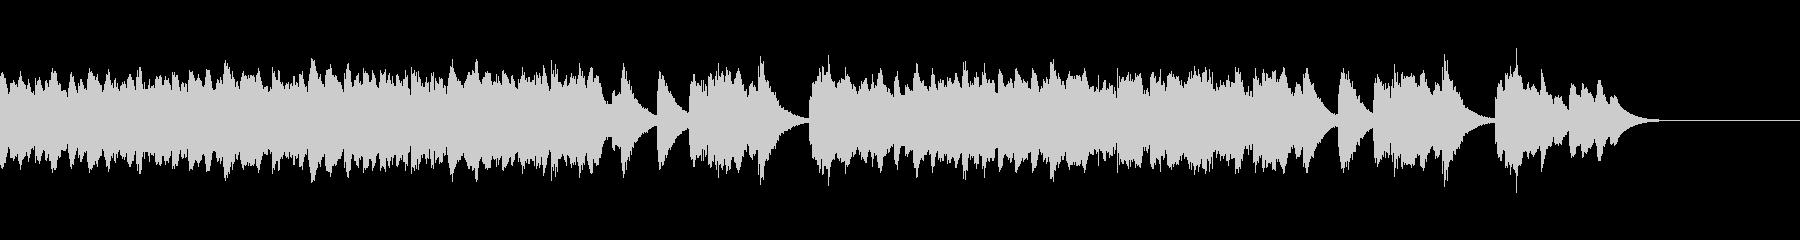 グリーグ アリエッタ オルゴールの未再生の波形